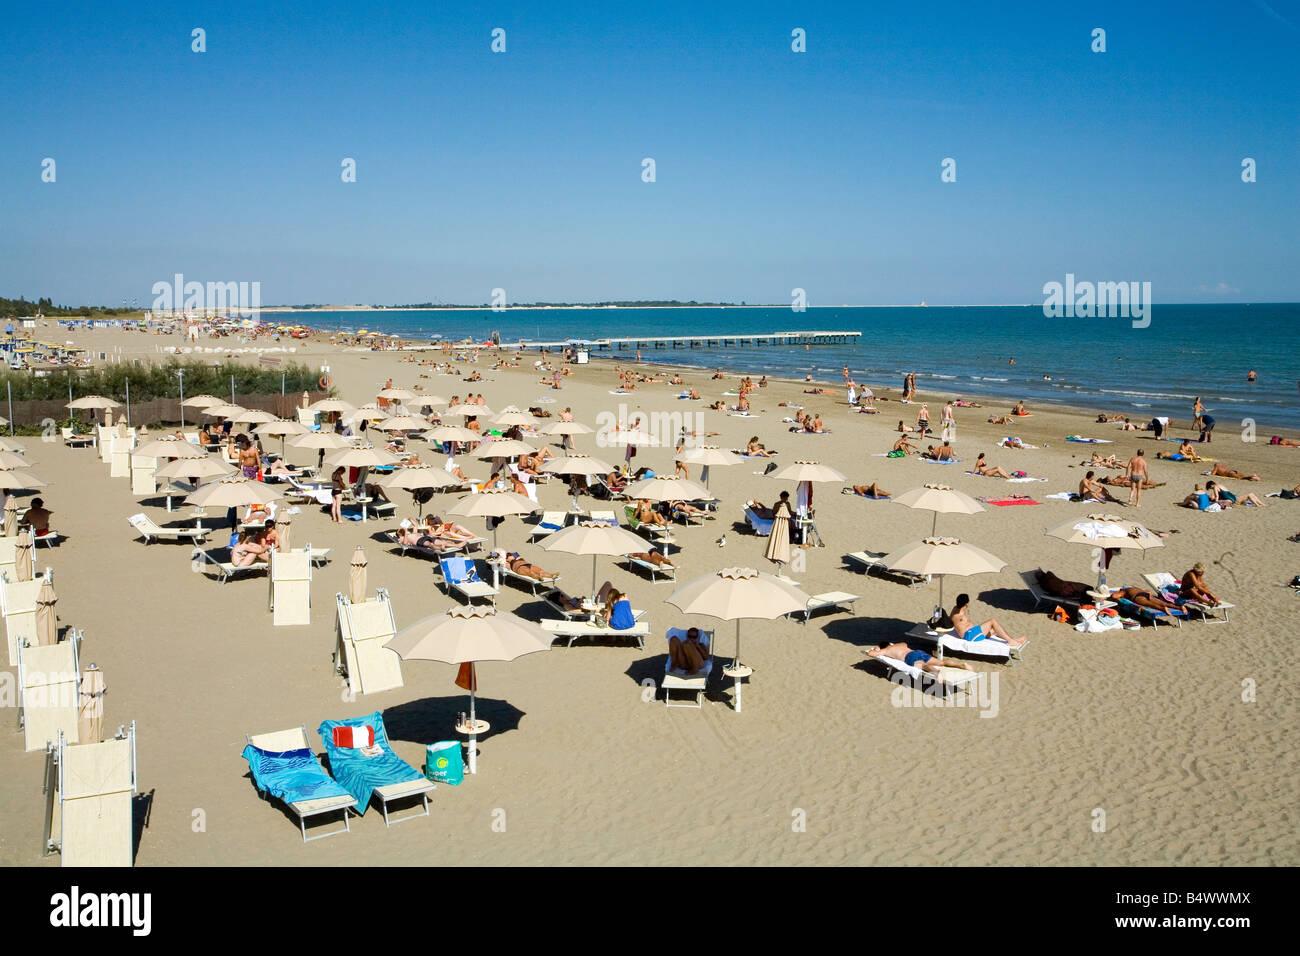 Lido Beach Resort Hotel